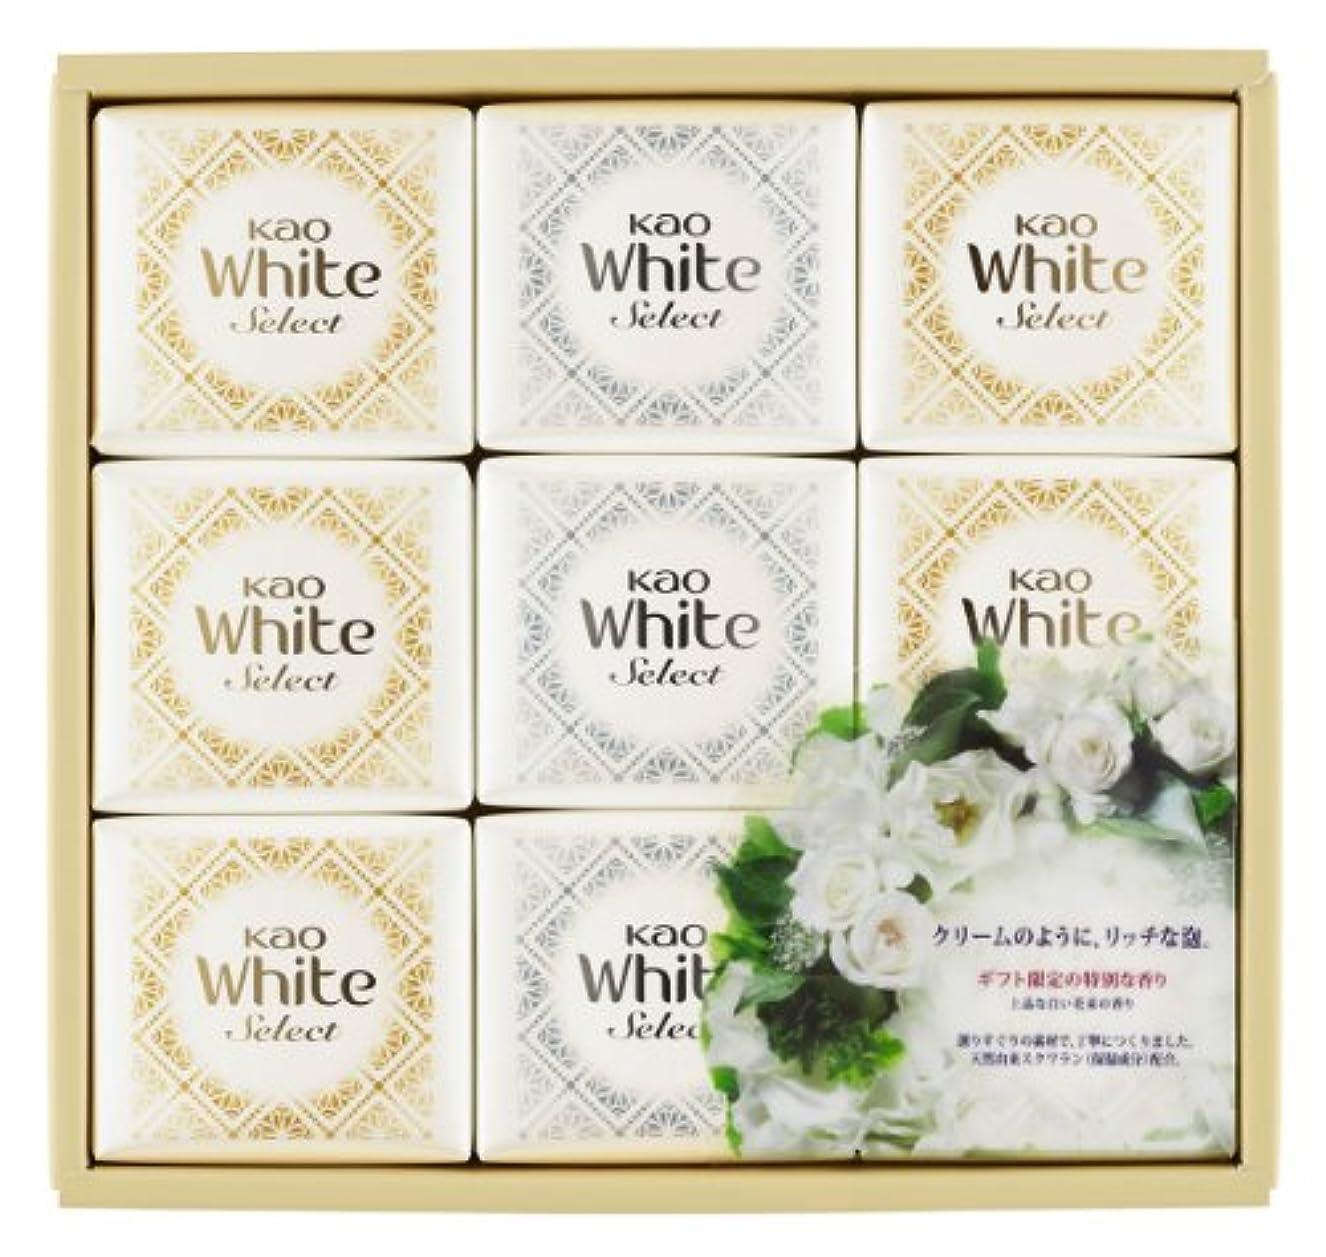 助言適応願う花王ホワイト セレクト 上品な白い花束の香り 85g 9コ K?WS-15